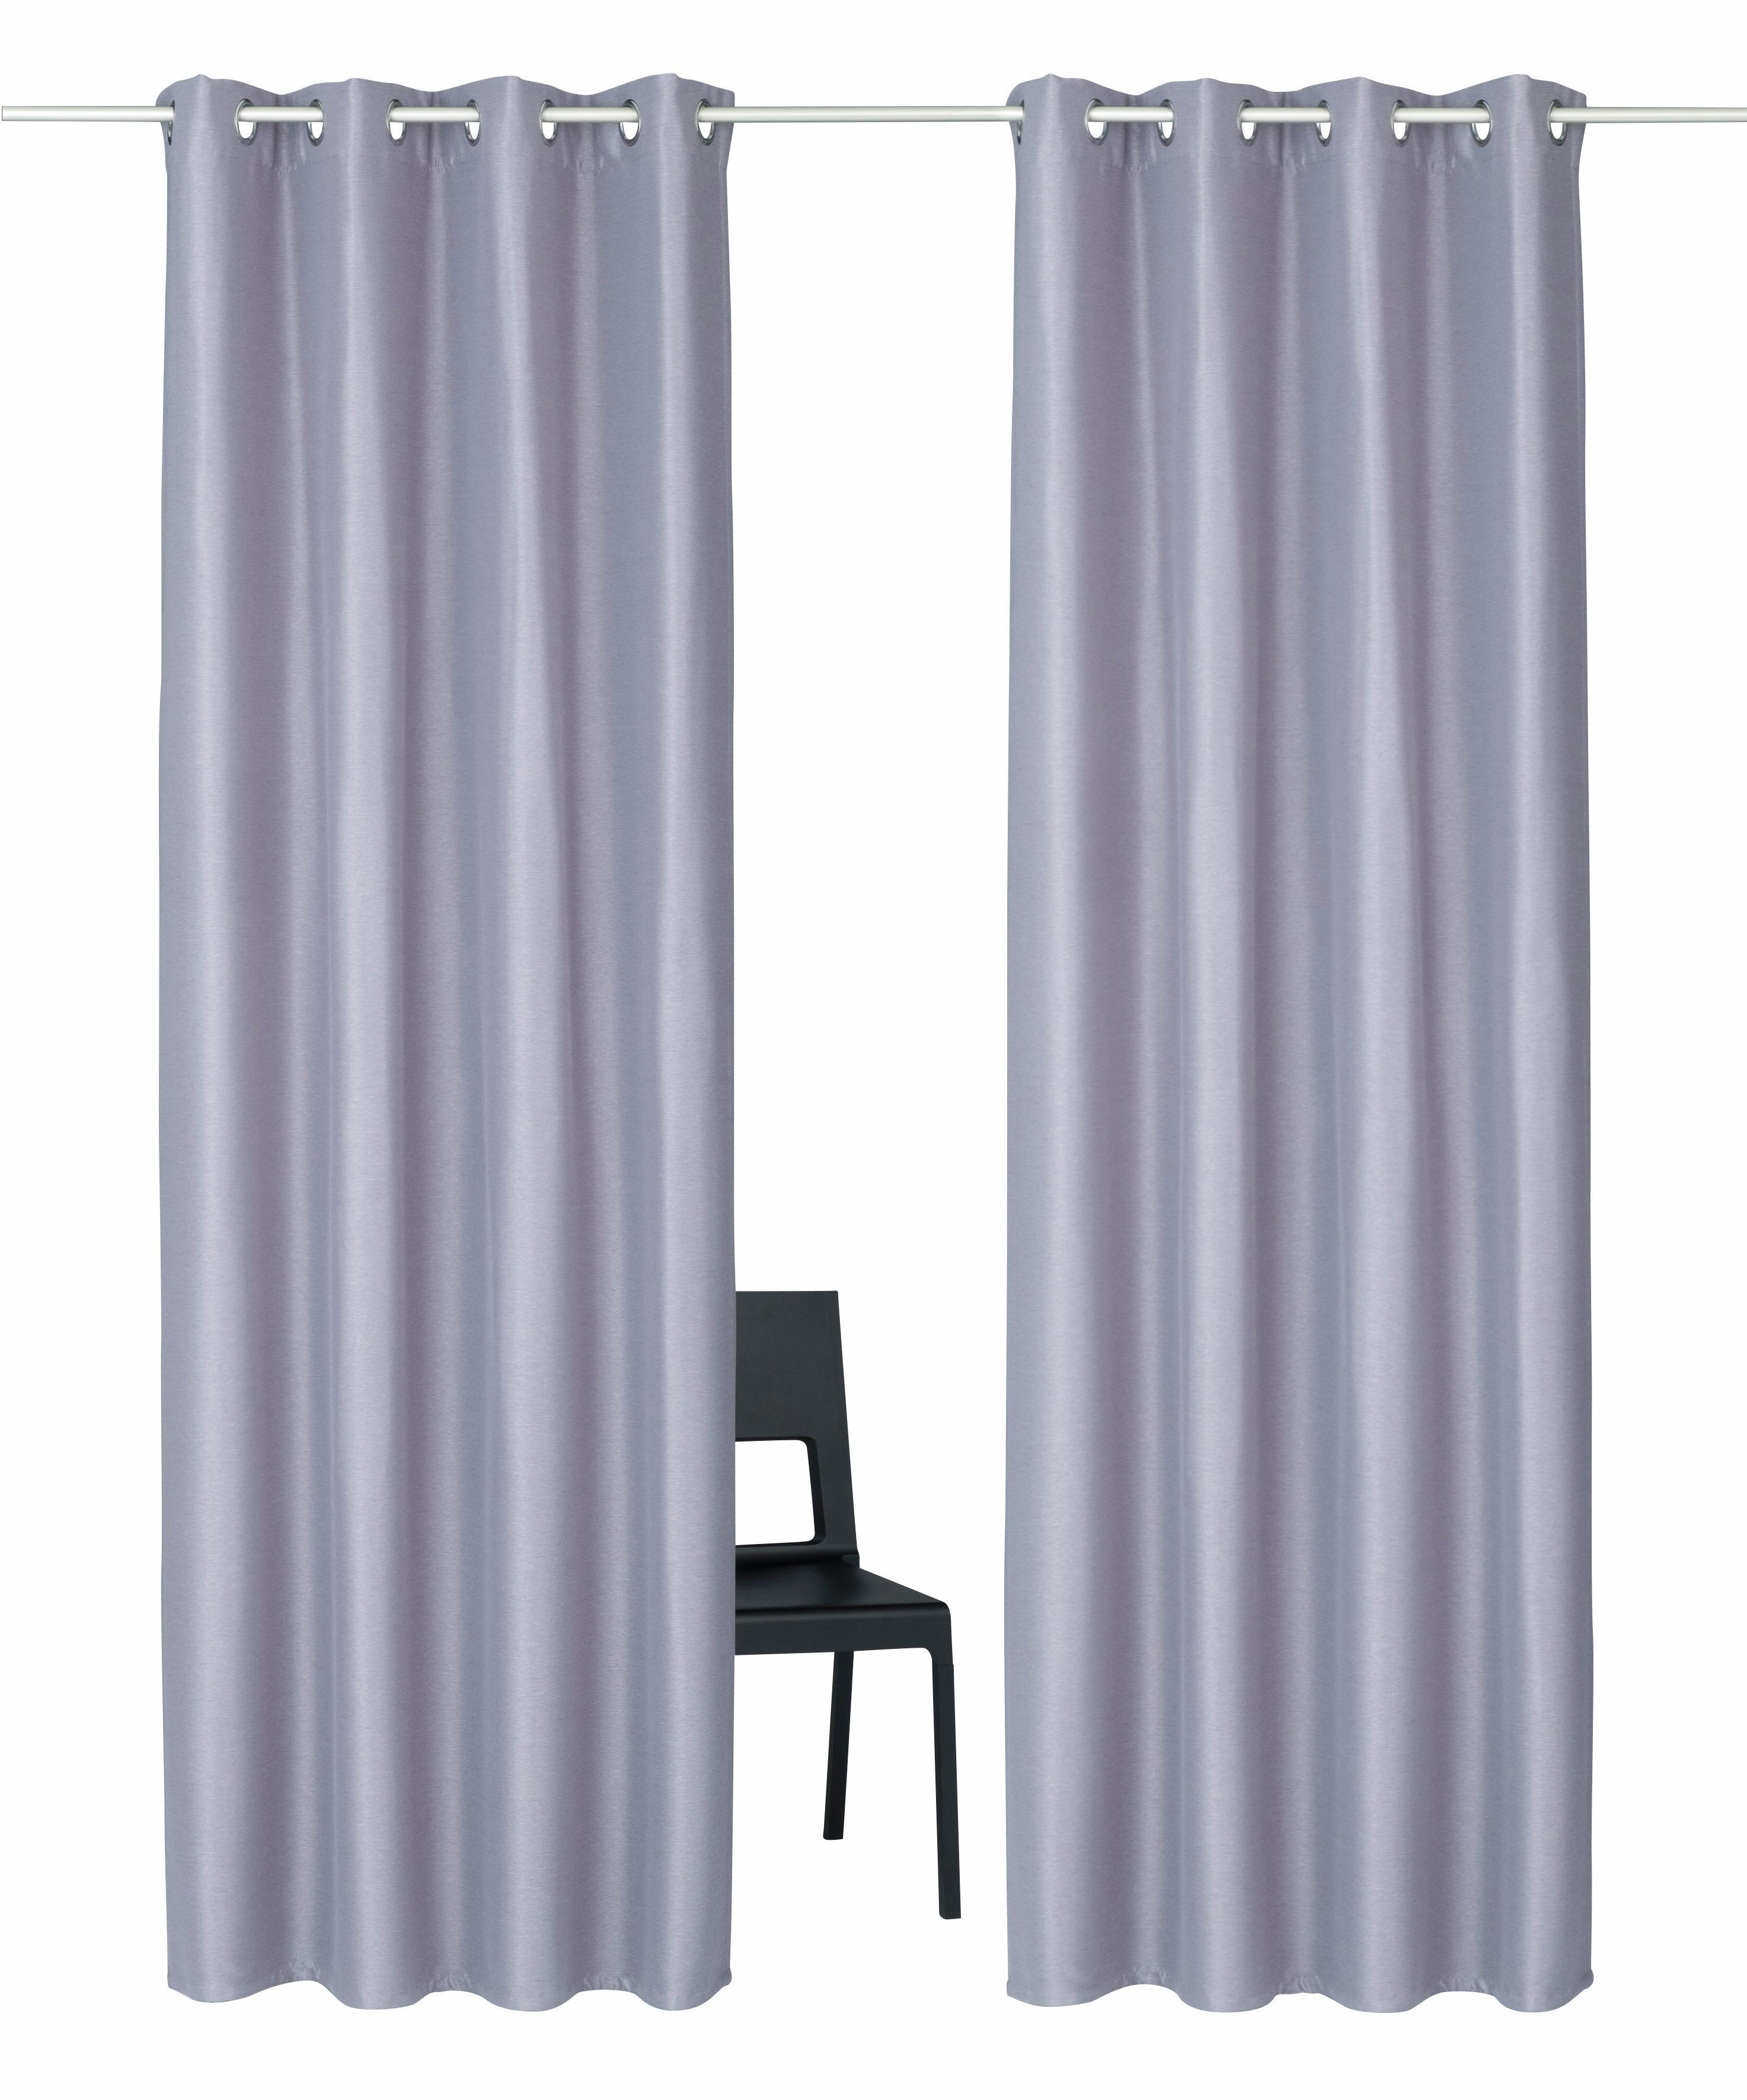 afbeeldingsbron gordijn my home selection balboa met zeilringen set van 2